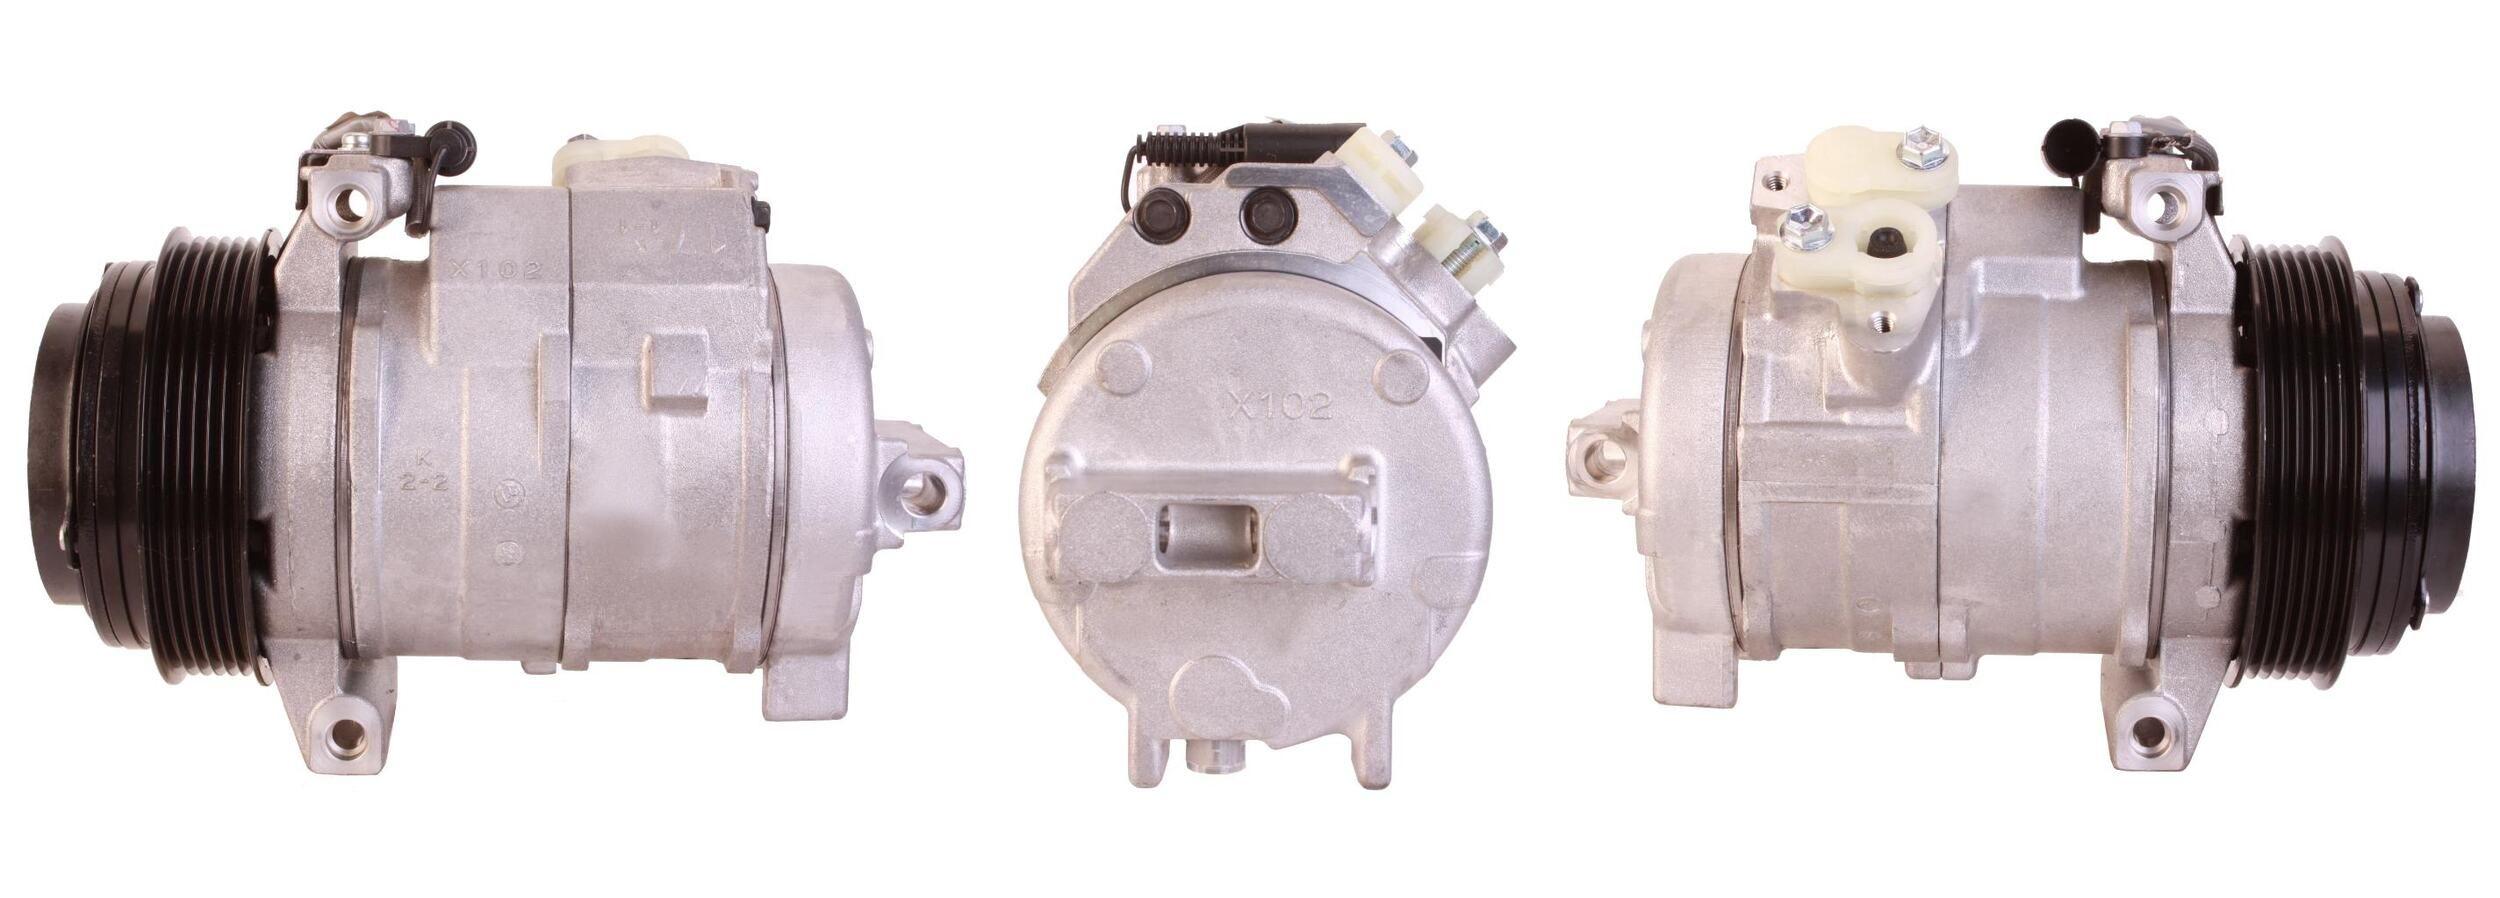 Kompressor Klimaanlage ELSTOCK 51-0832